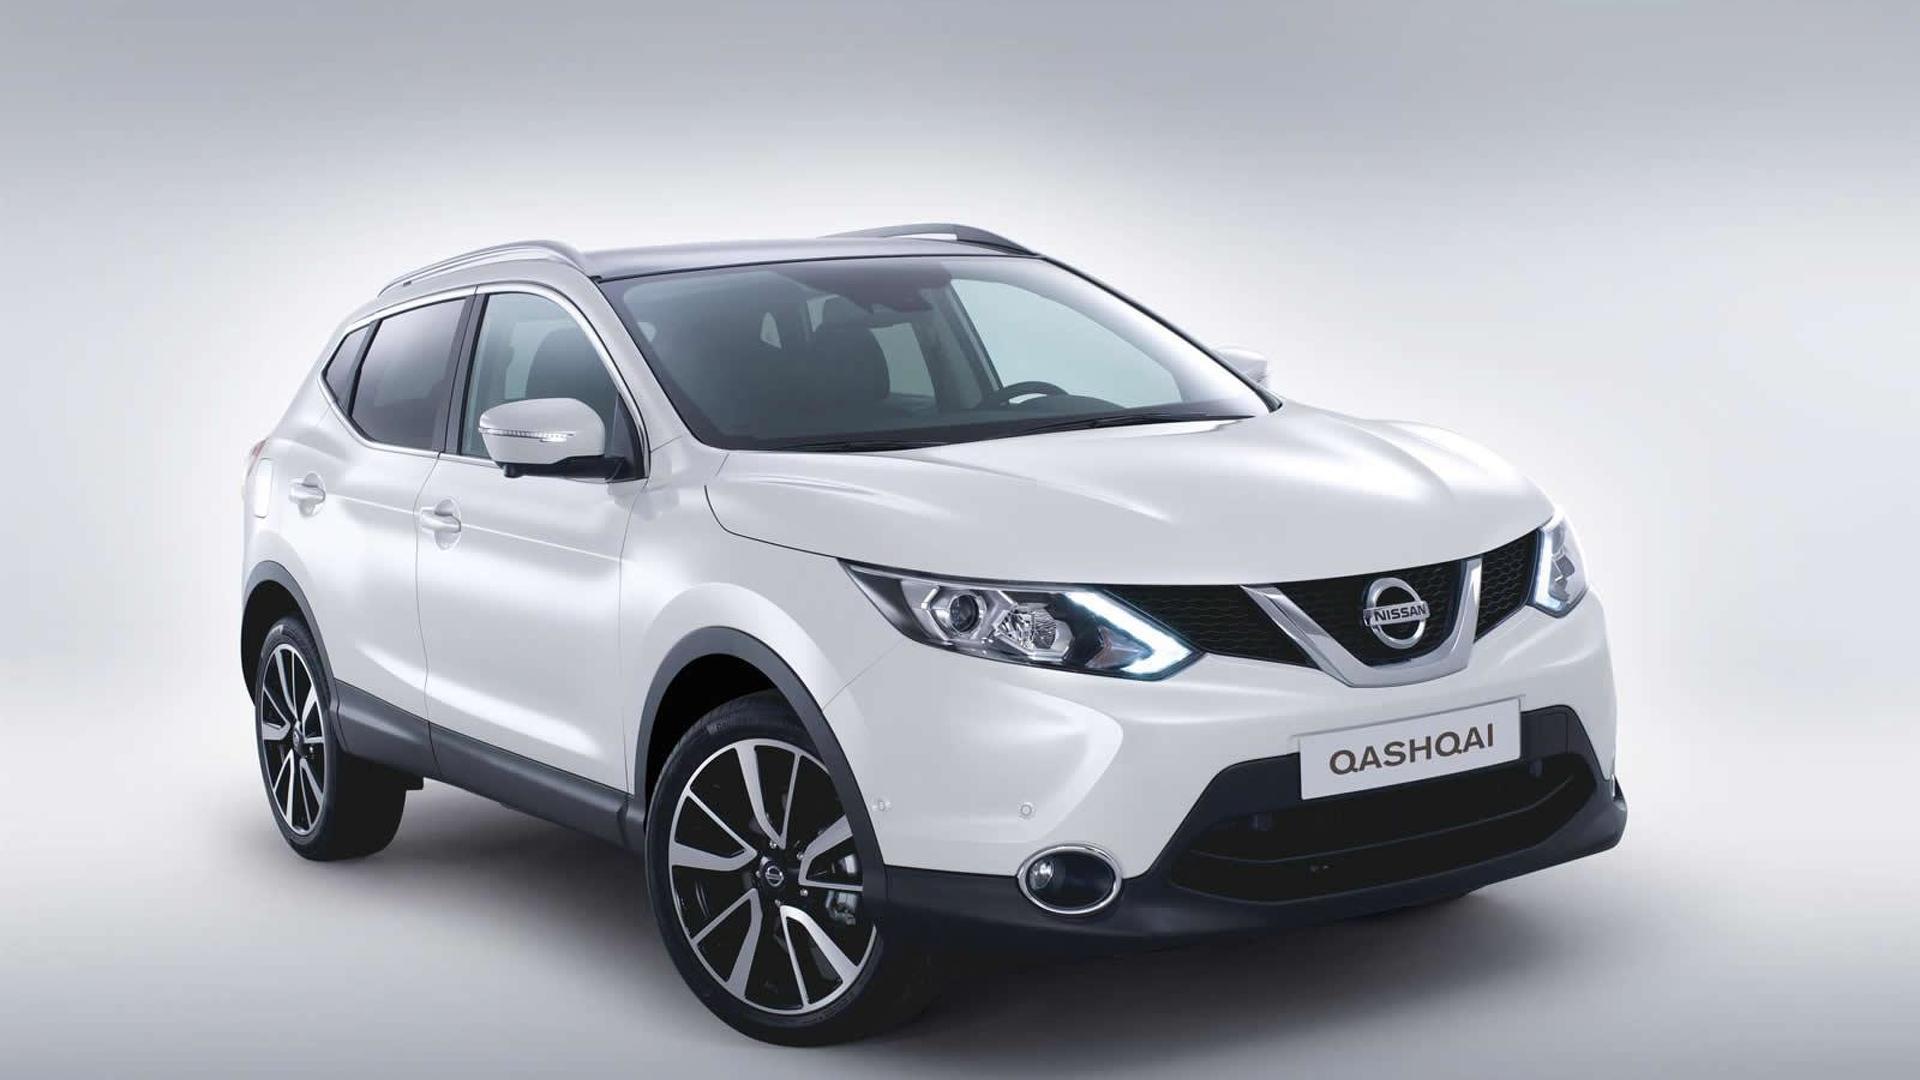 Nissan Qashqai Usa >> Nissan Qashqai Reportedly Coming To The U S